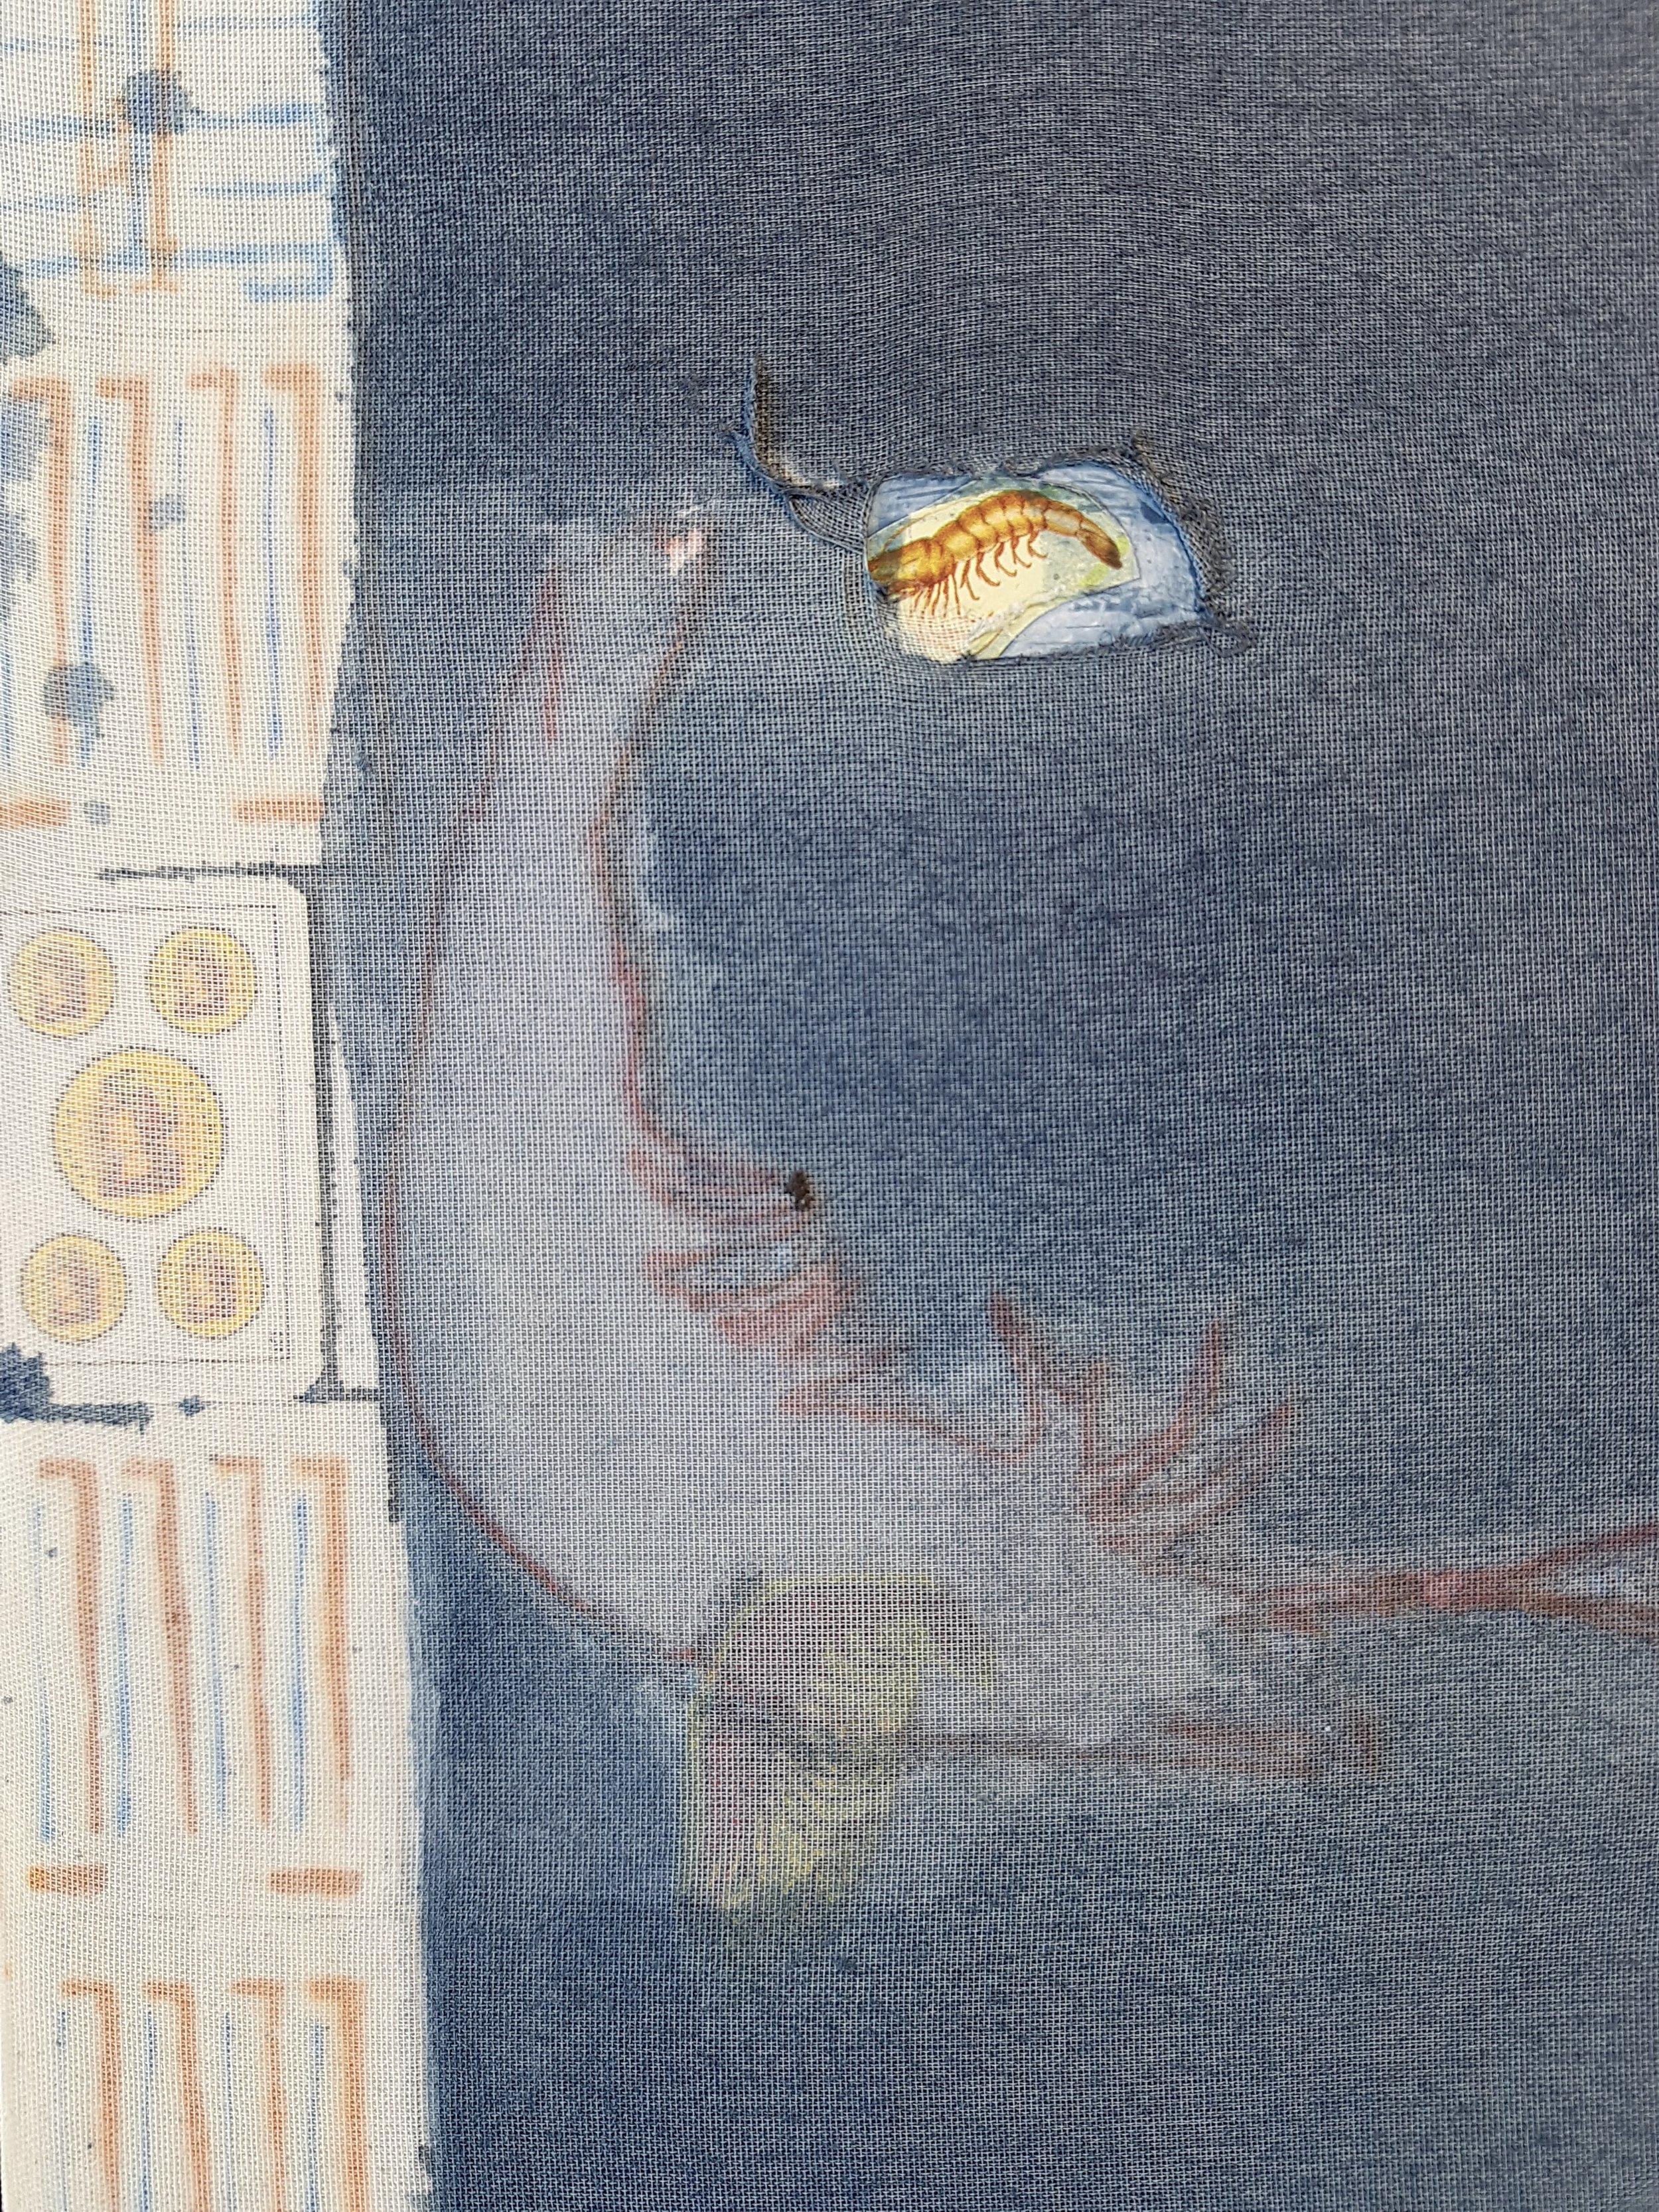 karin_schaefer_collage_art_seamaps_seambol._detail.jpg